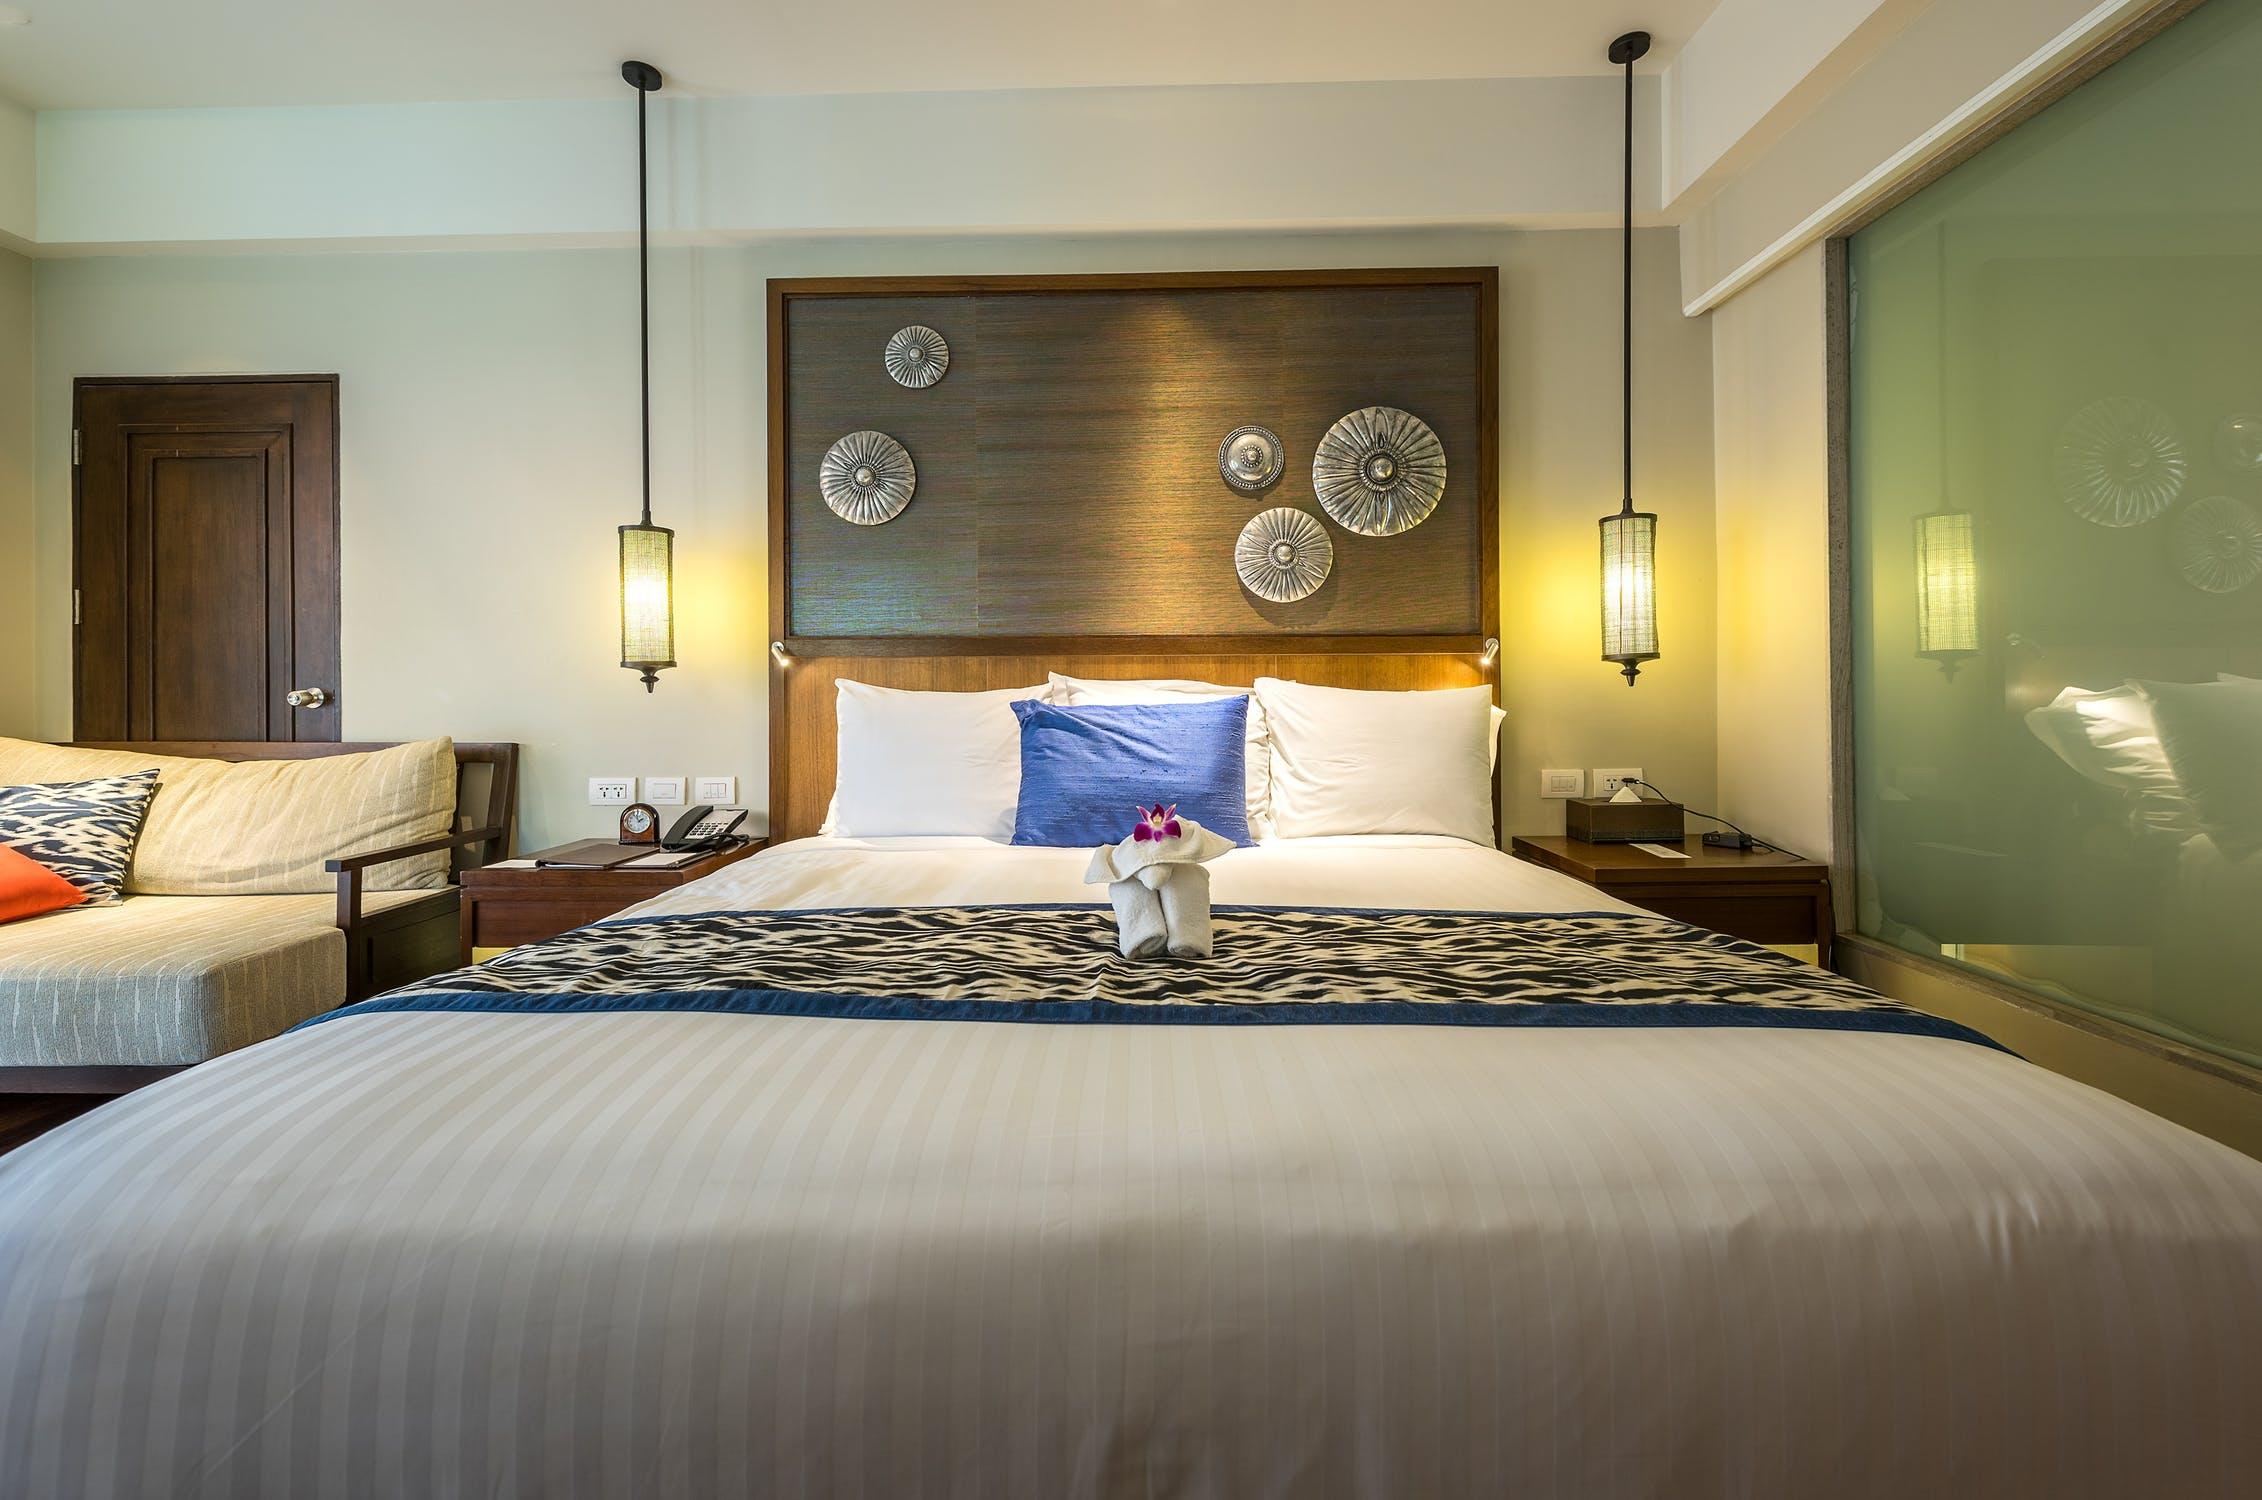 Intercambiadores de calor para la climatizacion de hoteles